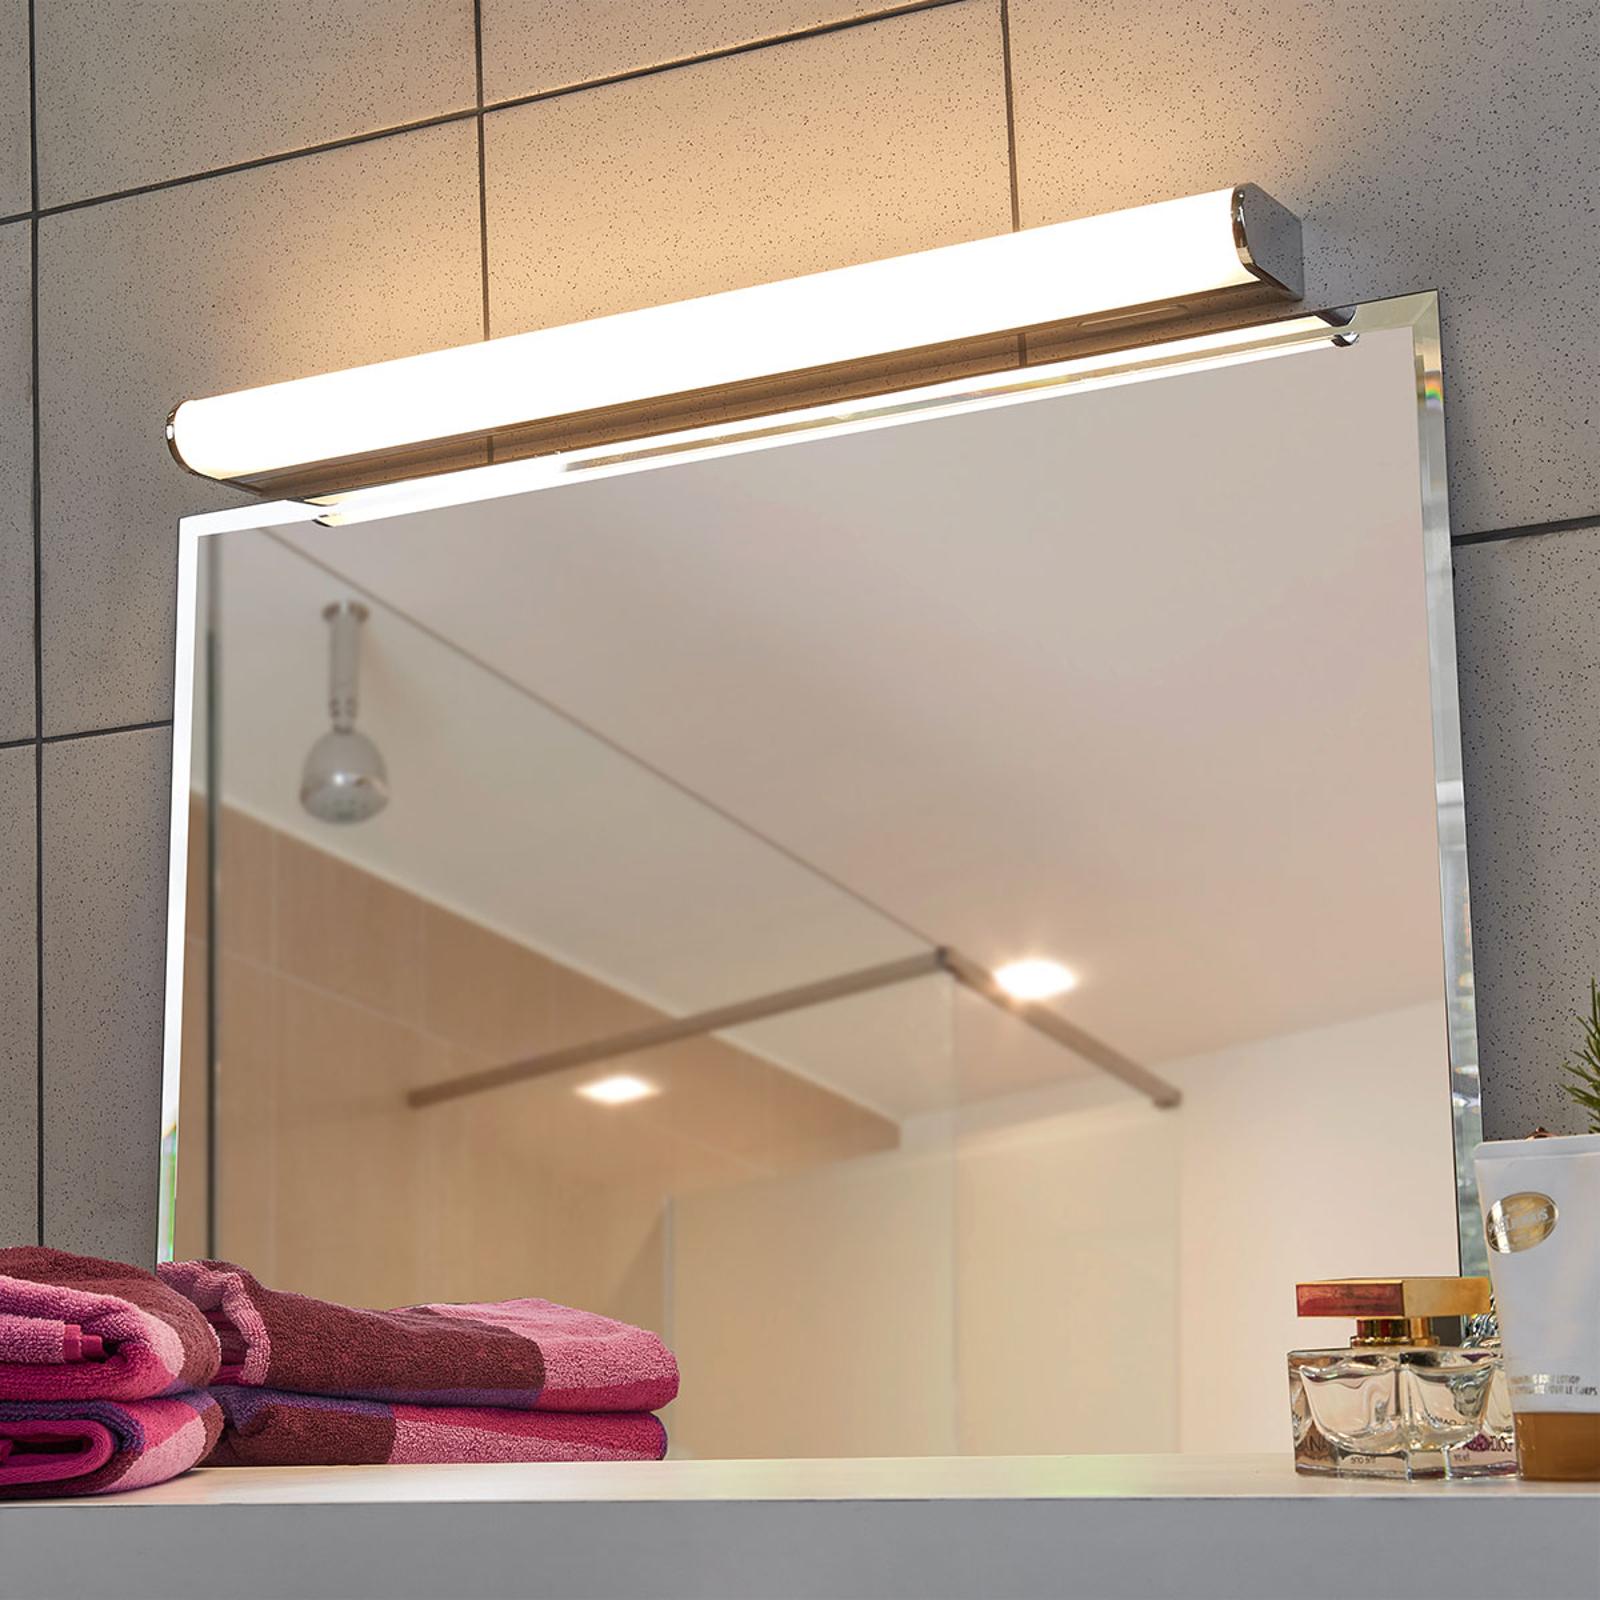 LED-vägglampa Jesko bad 3000-6500K, 59 cm